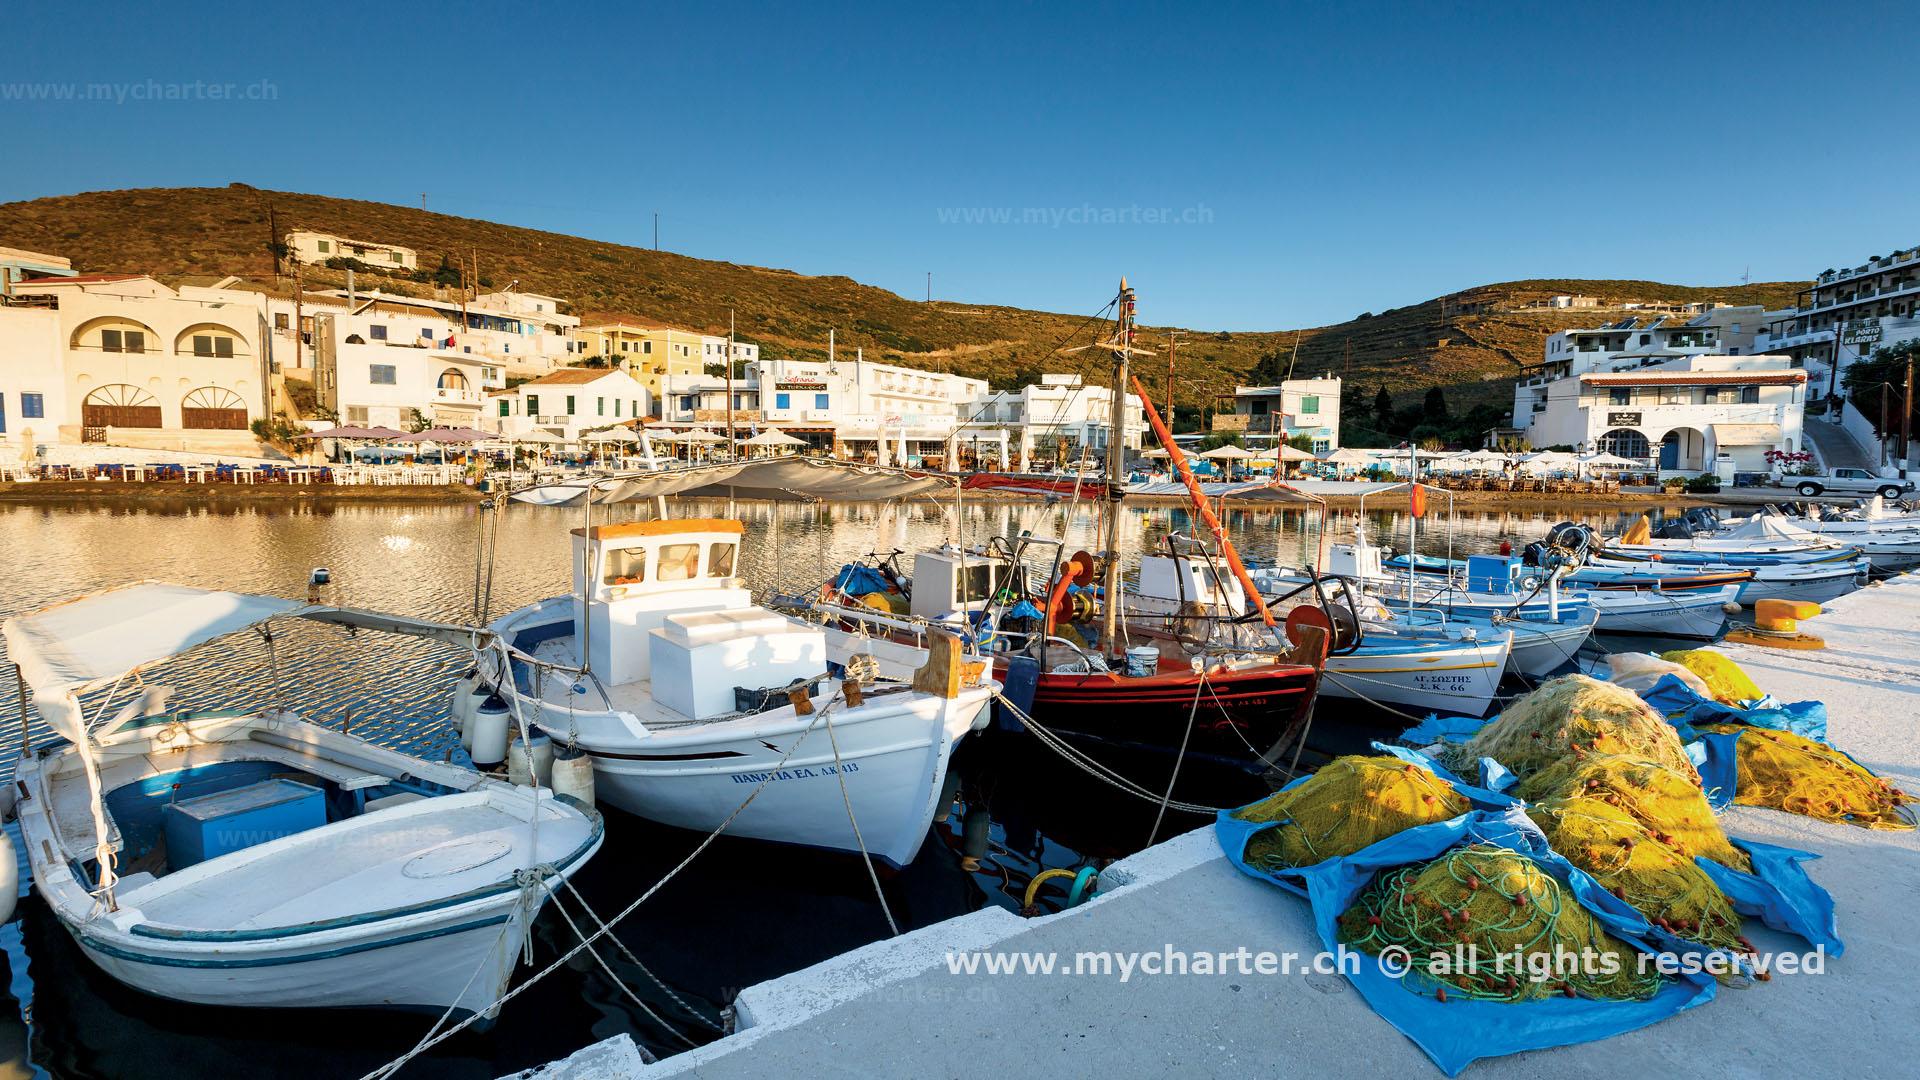 Griechenland - Kythnos